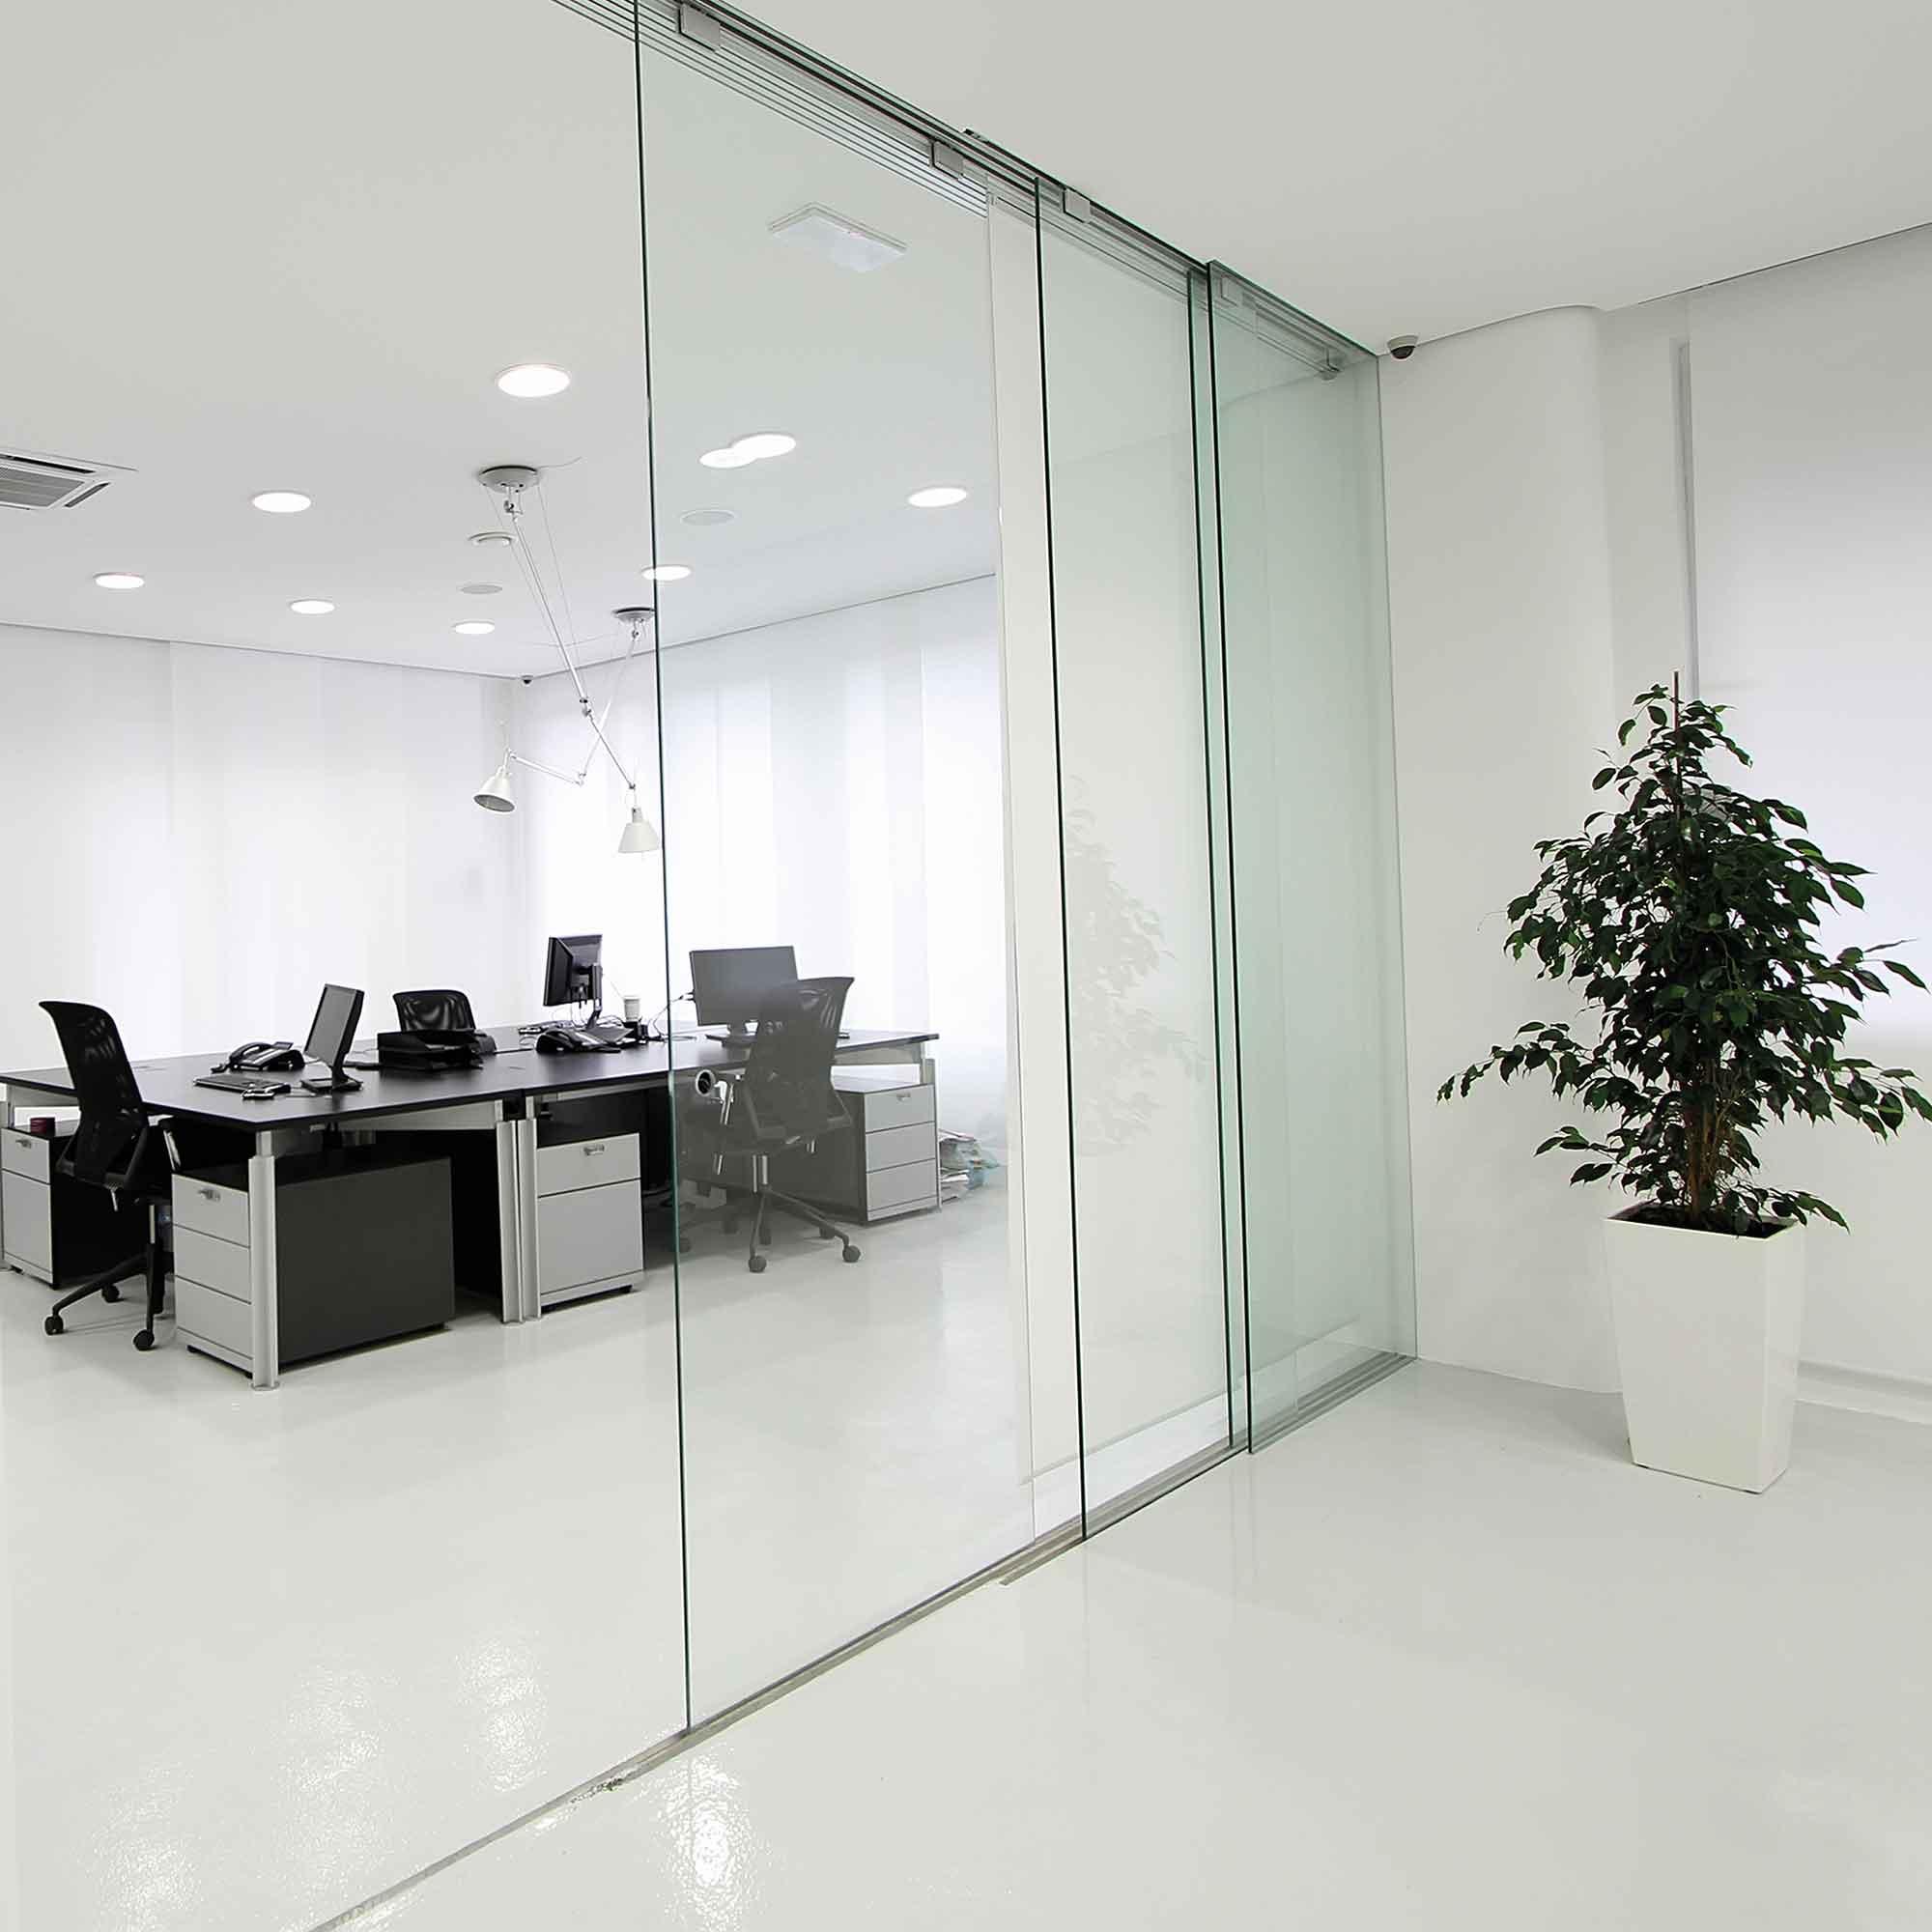 Meeting Room - SensaMist